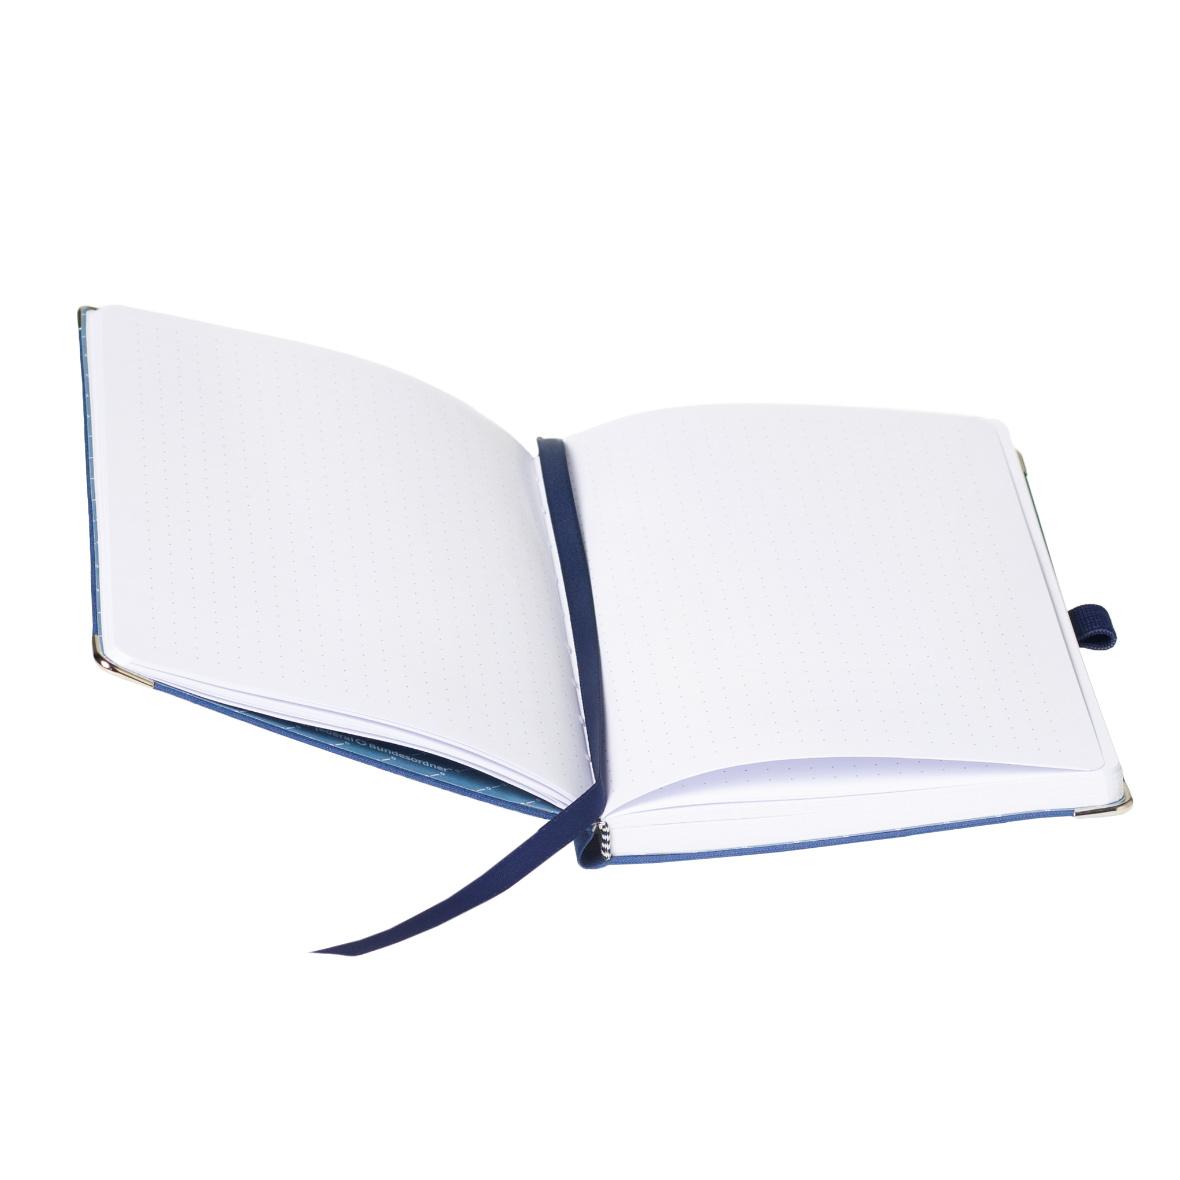 offenes Notizbuch der Collection Bundesordner von Biella